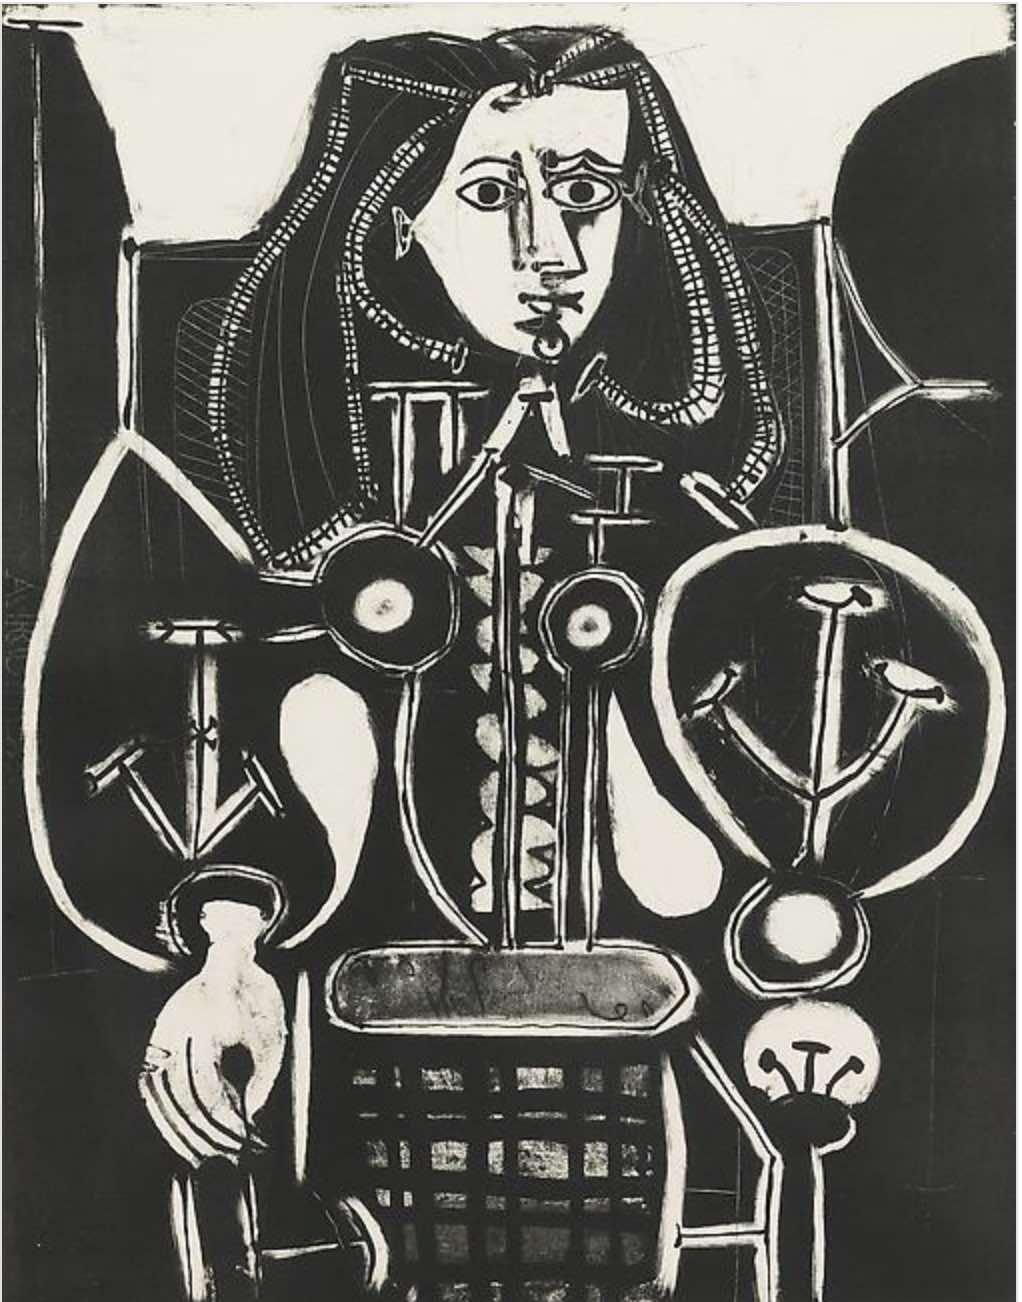 Femme Au Fauteuil No 4 (d'aprés le violet) by Picasso